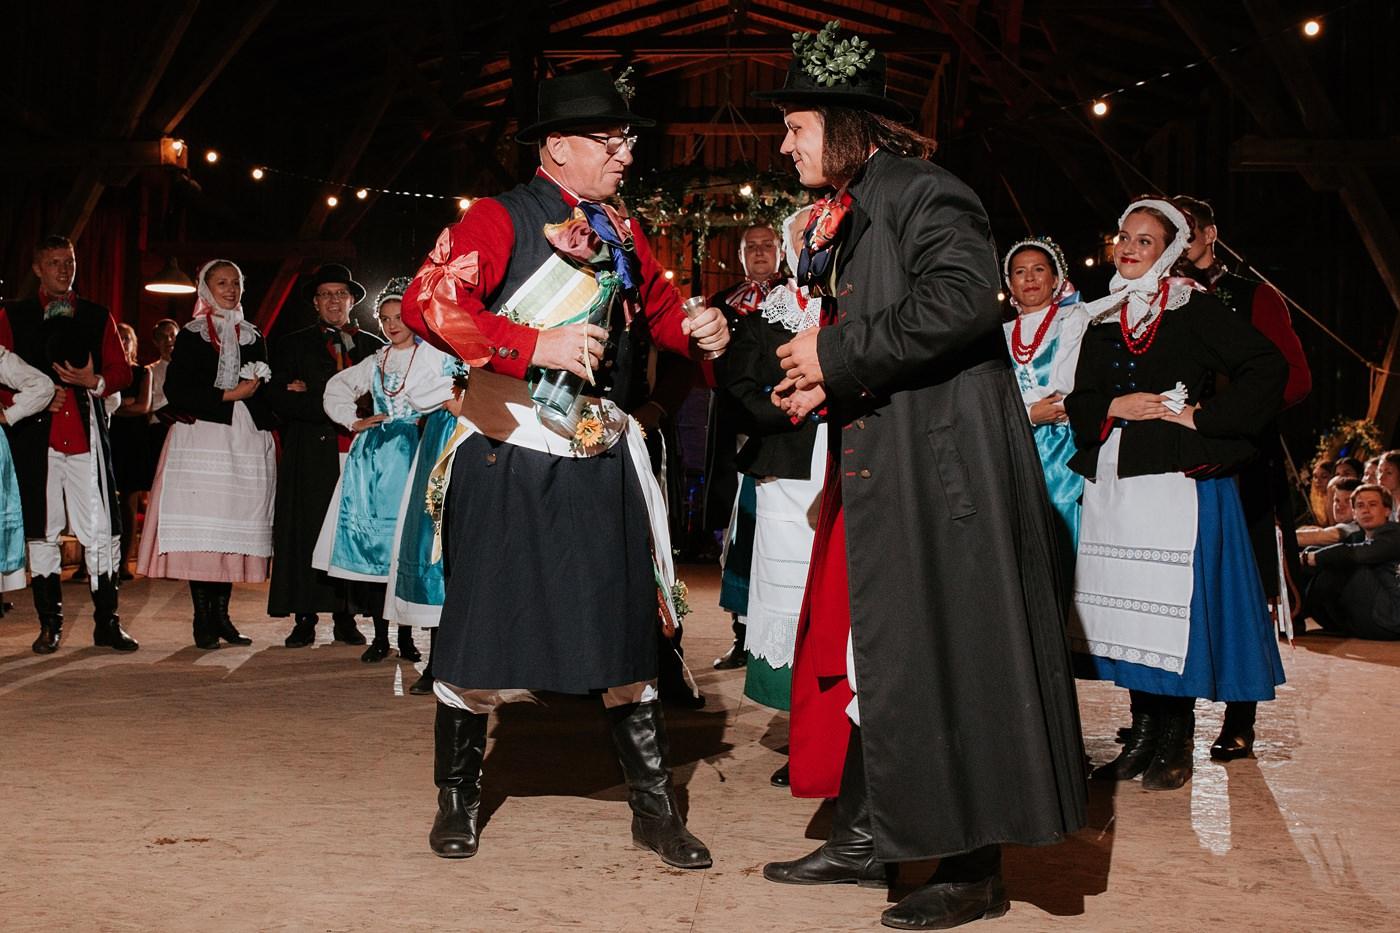 Dominika & Aleksander - Rustykalne wesele w stodole - Baborówko 131